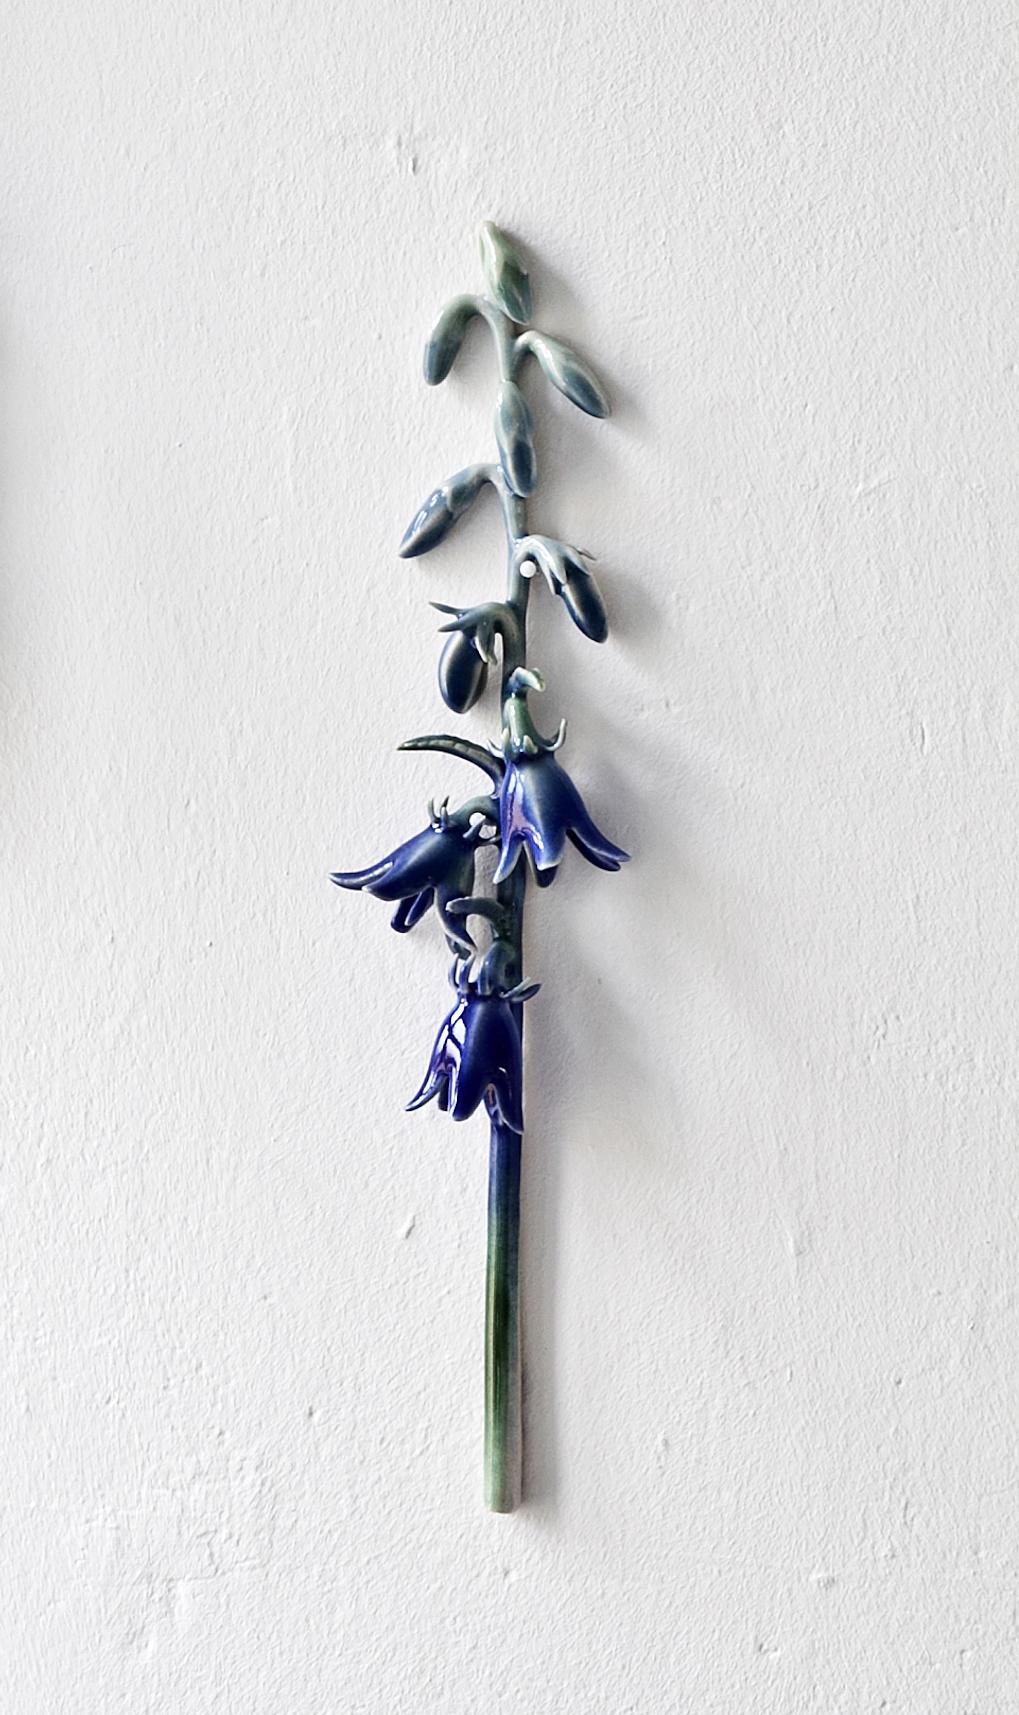 Keramiker Marianne Nielsen - CC, Klokke, 2012, foto: Ole Akhøj